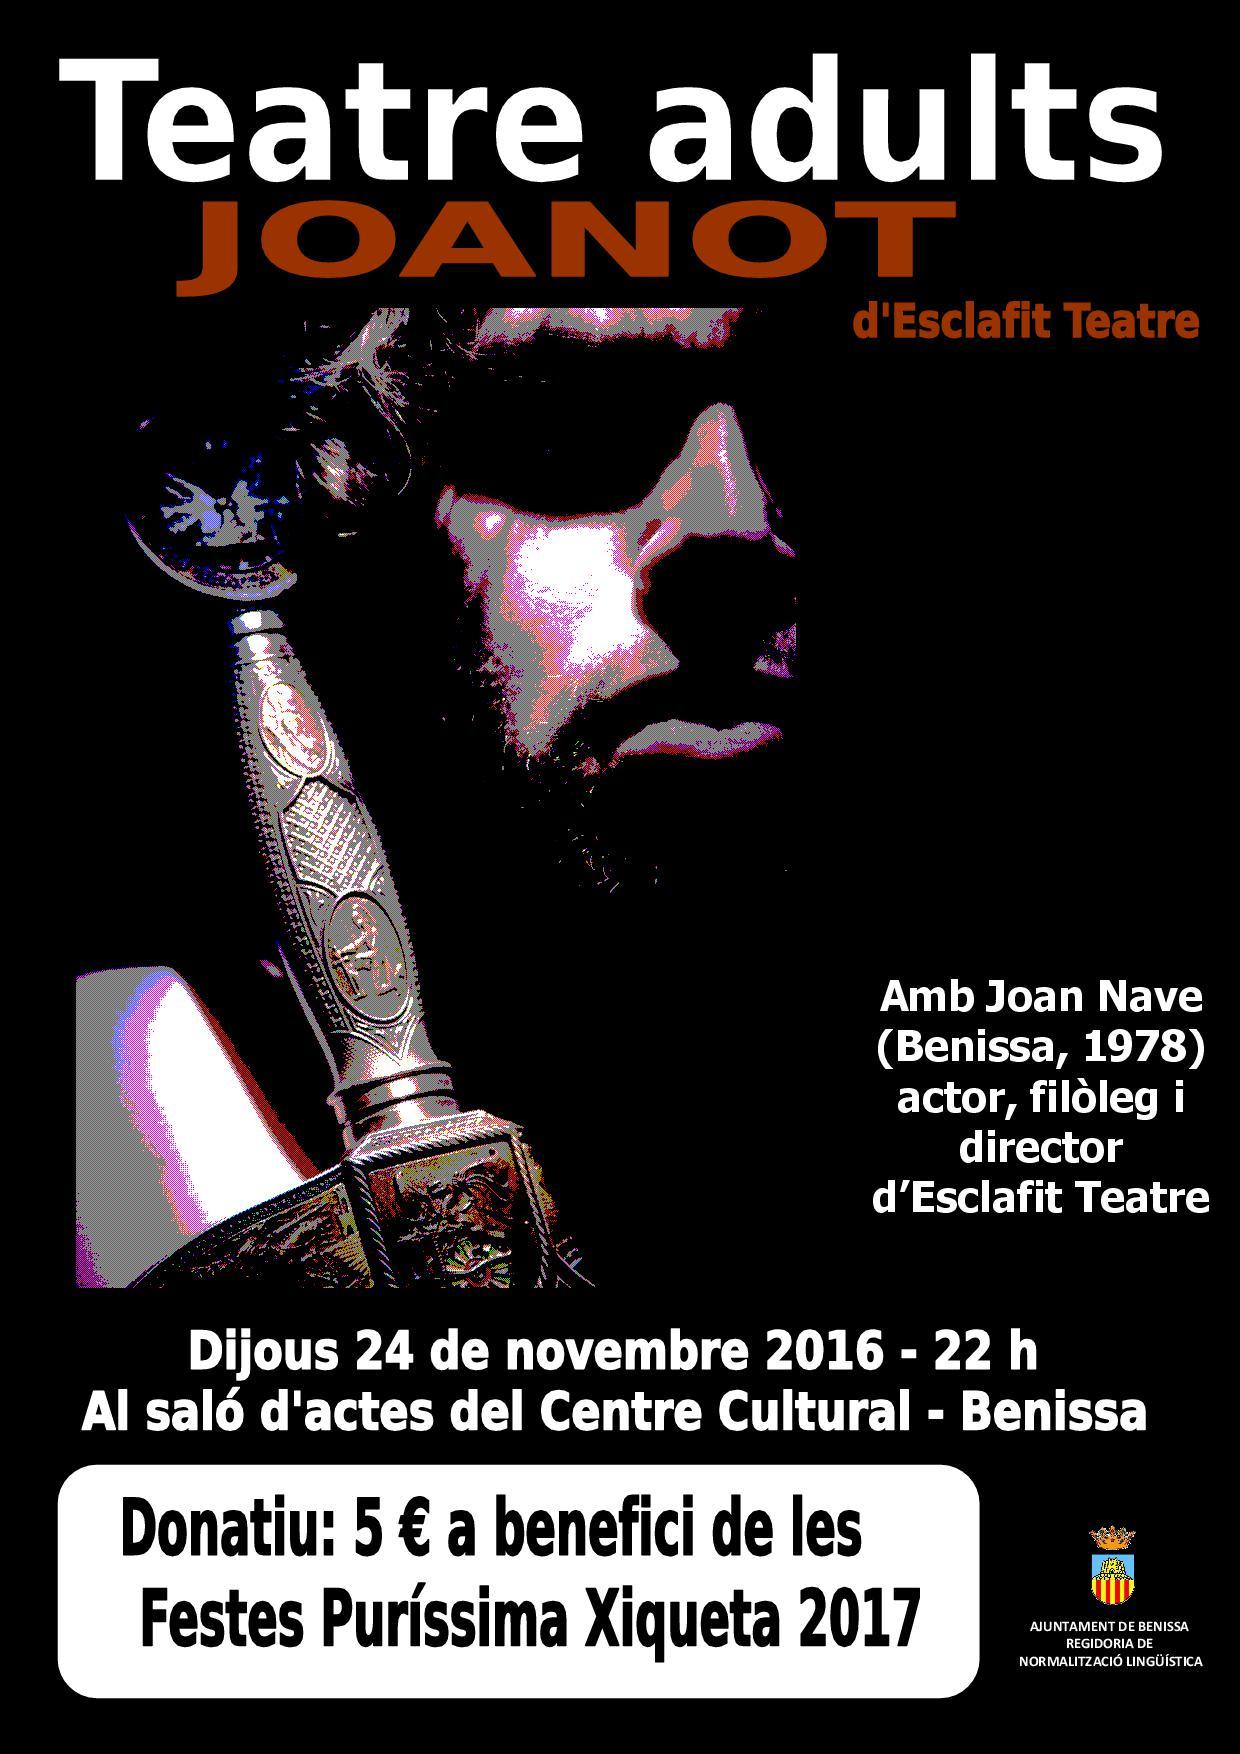 cartell-teatre-joanot